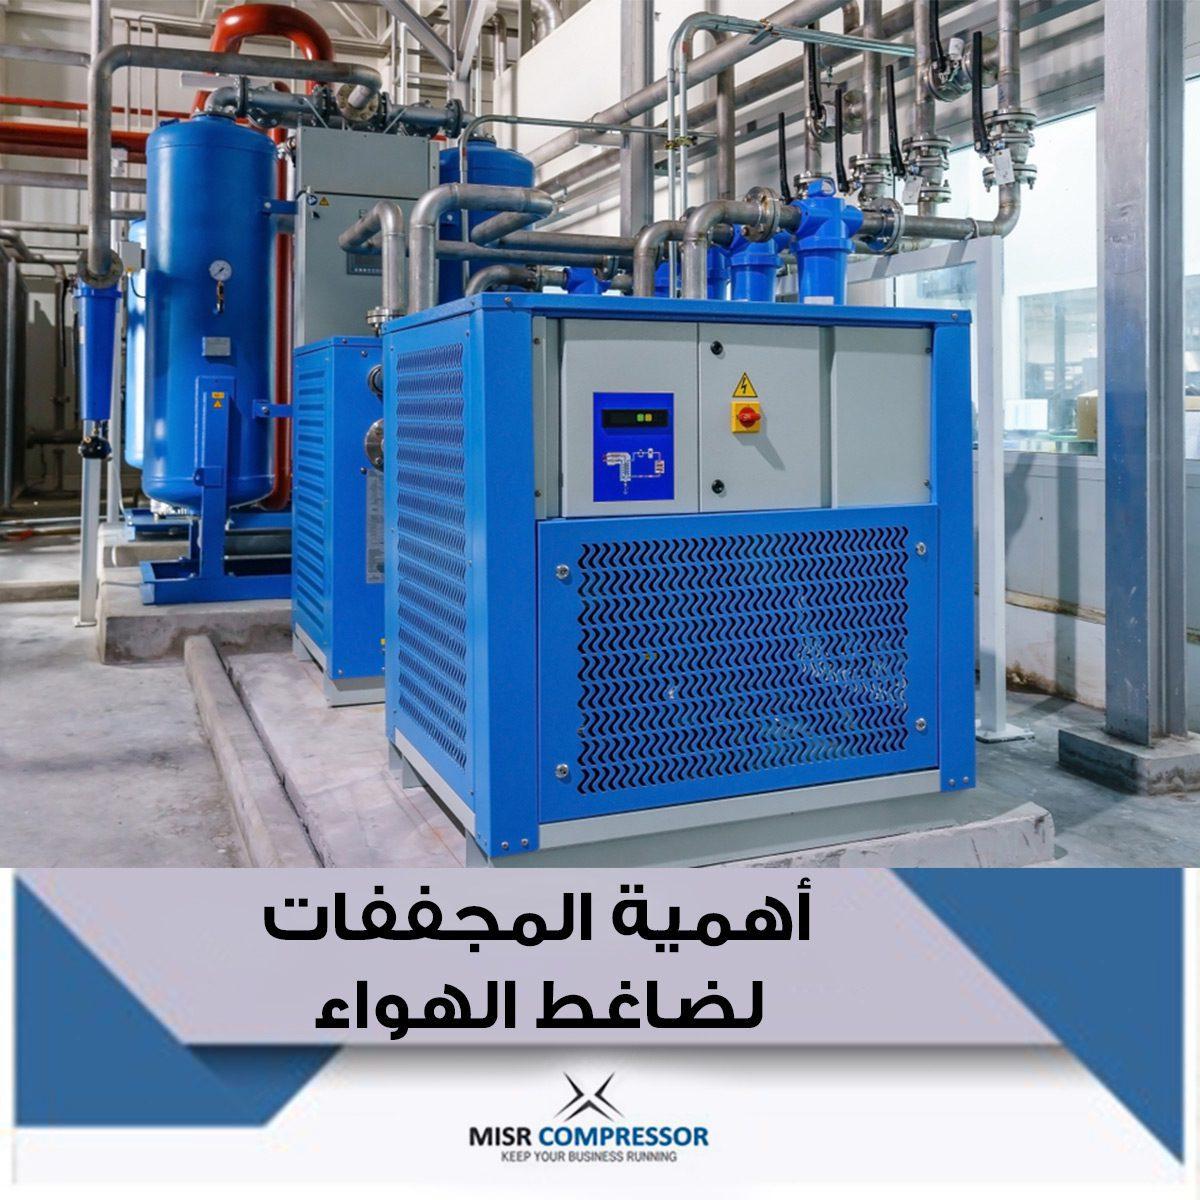 اهمية المجففات لضاغط الهواء